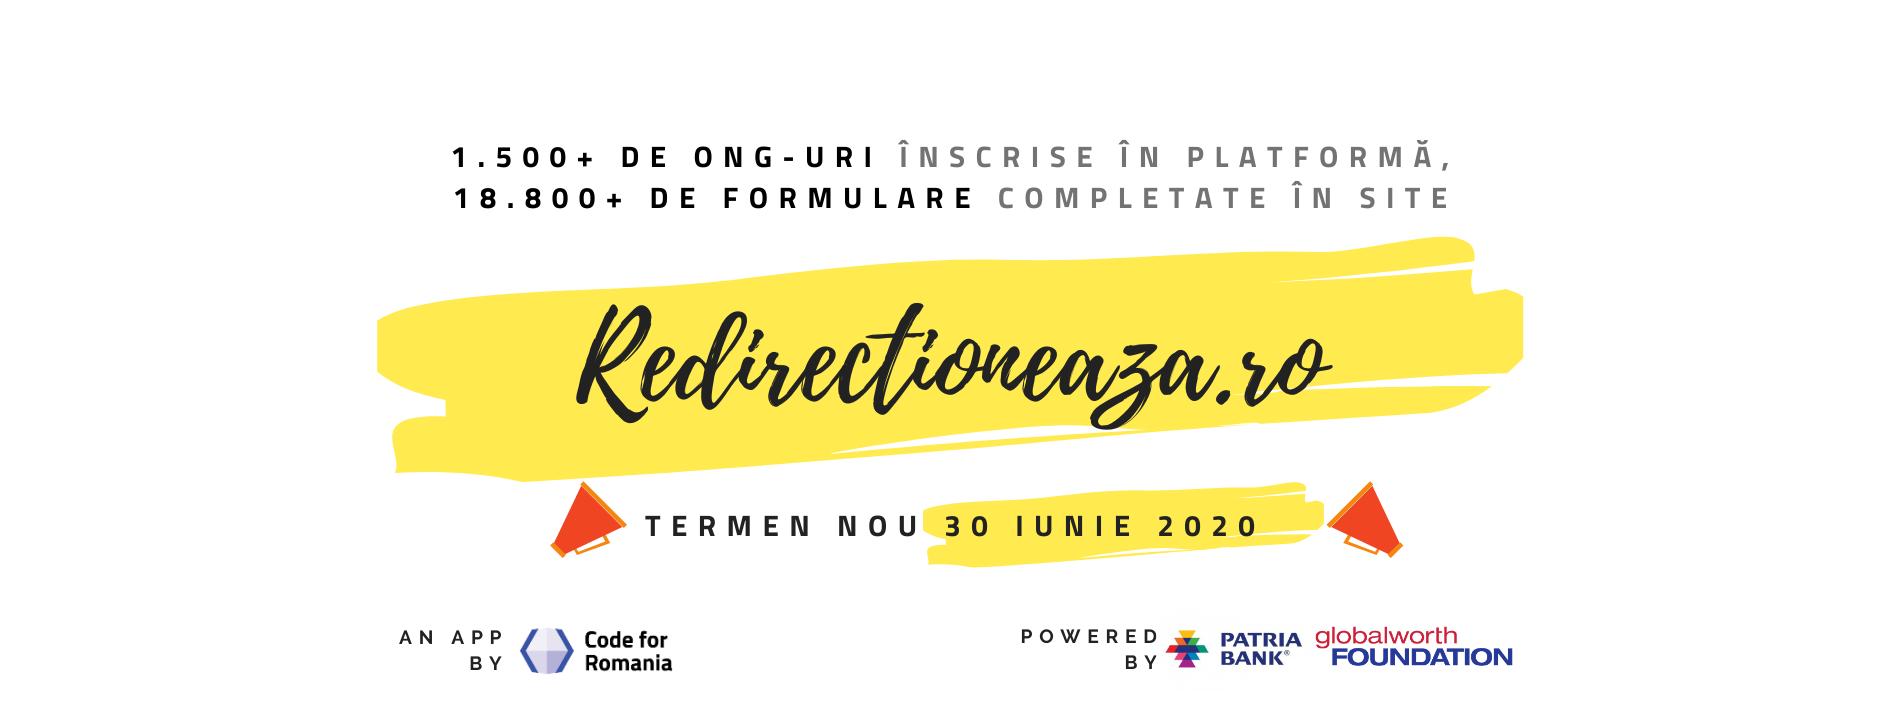 Redirectioneaza.ro, platforma prin care cetățenii pot alege să susțină unul dintre cele peste 1.500 de ONG-uri